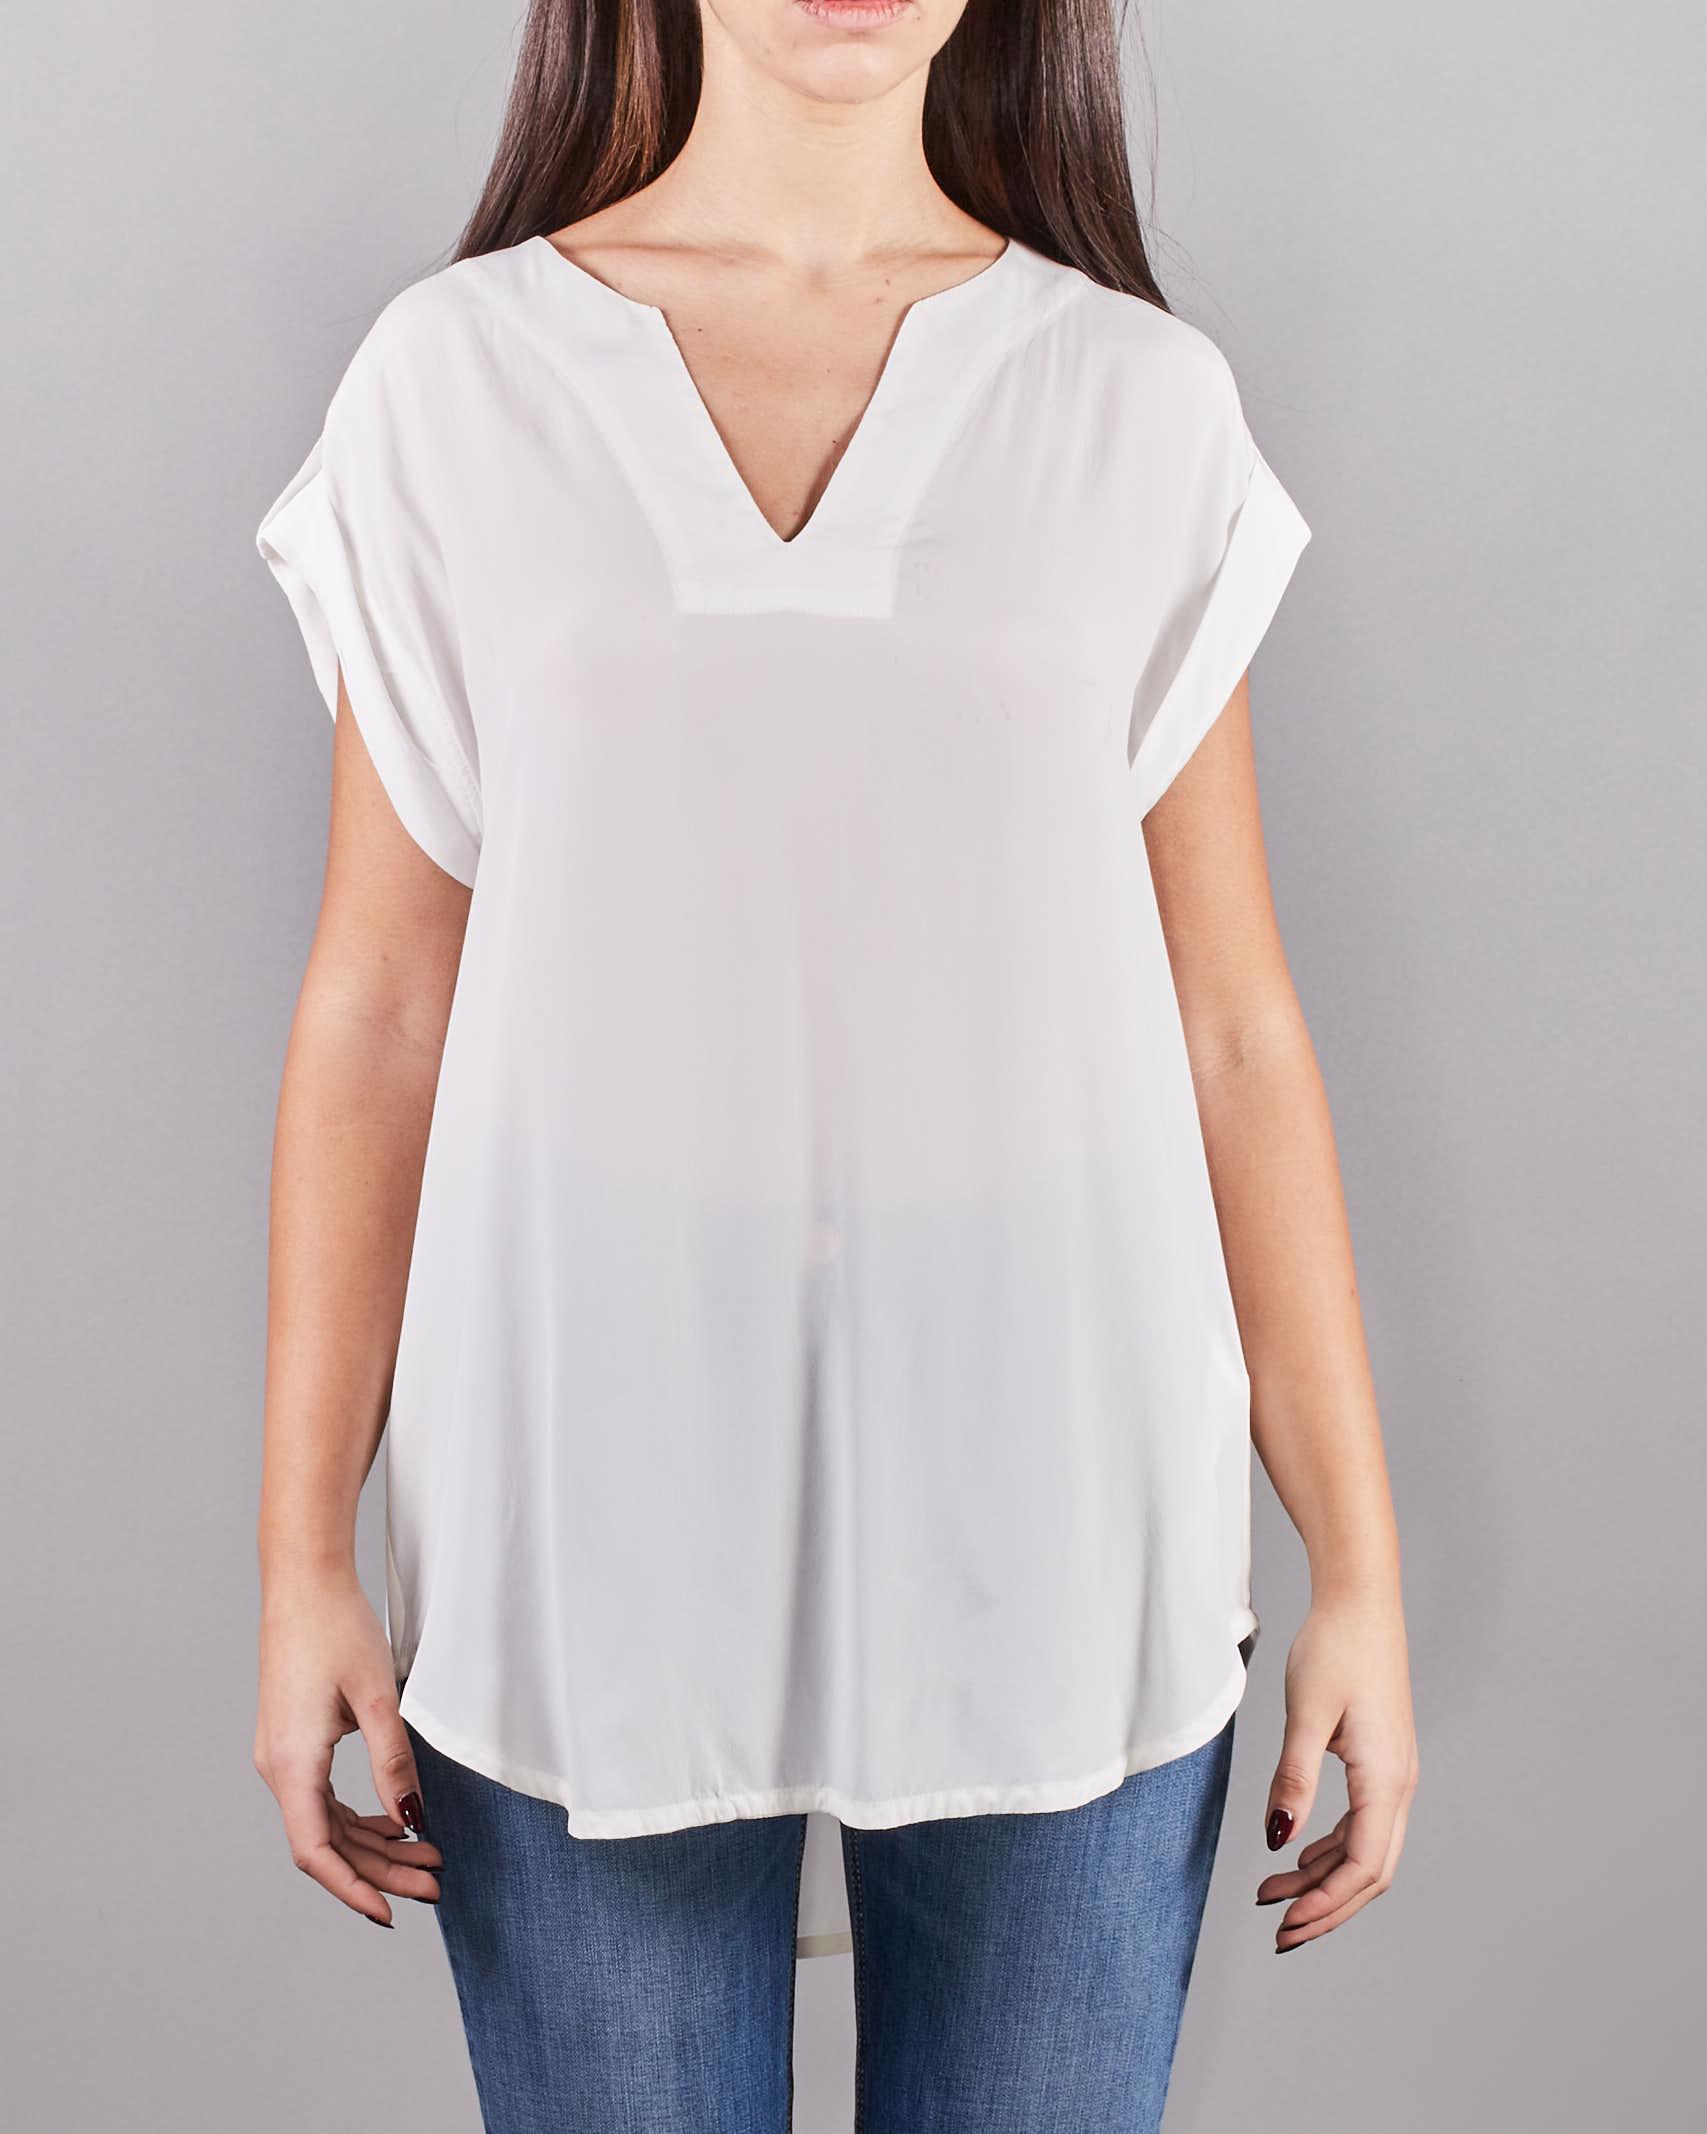 Blusa senza maniche Manila Grace MANILA GRACE | Camicia | C193VCMA043